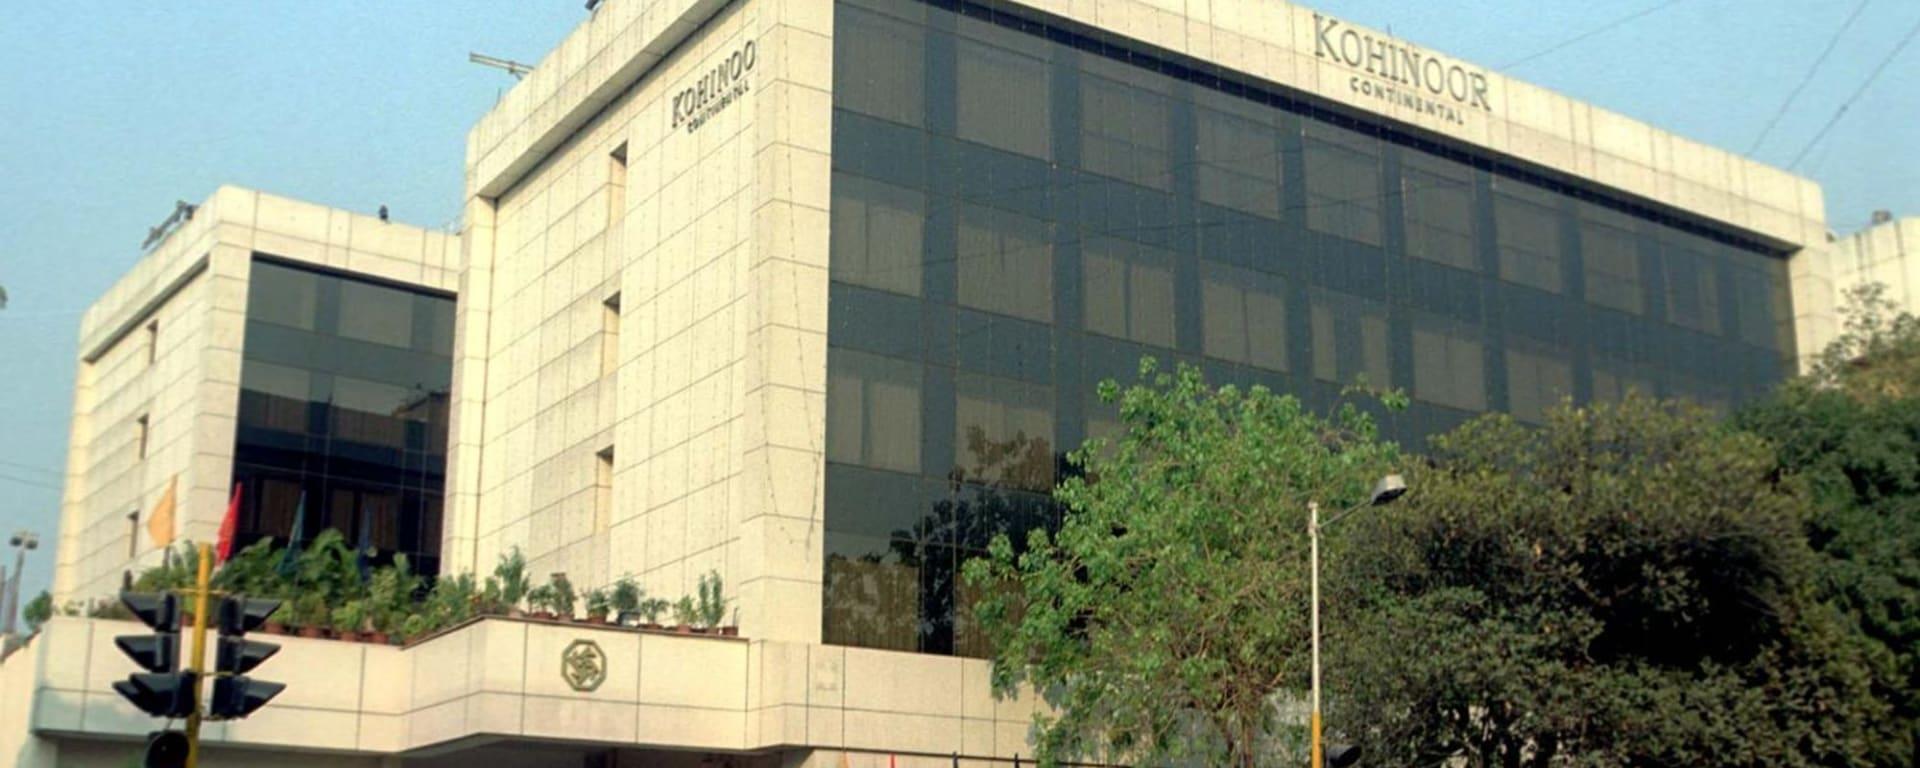 Kohinoor Continental à Mumbai: